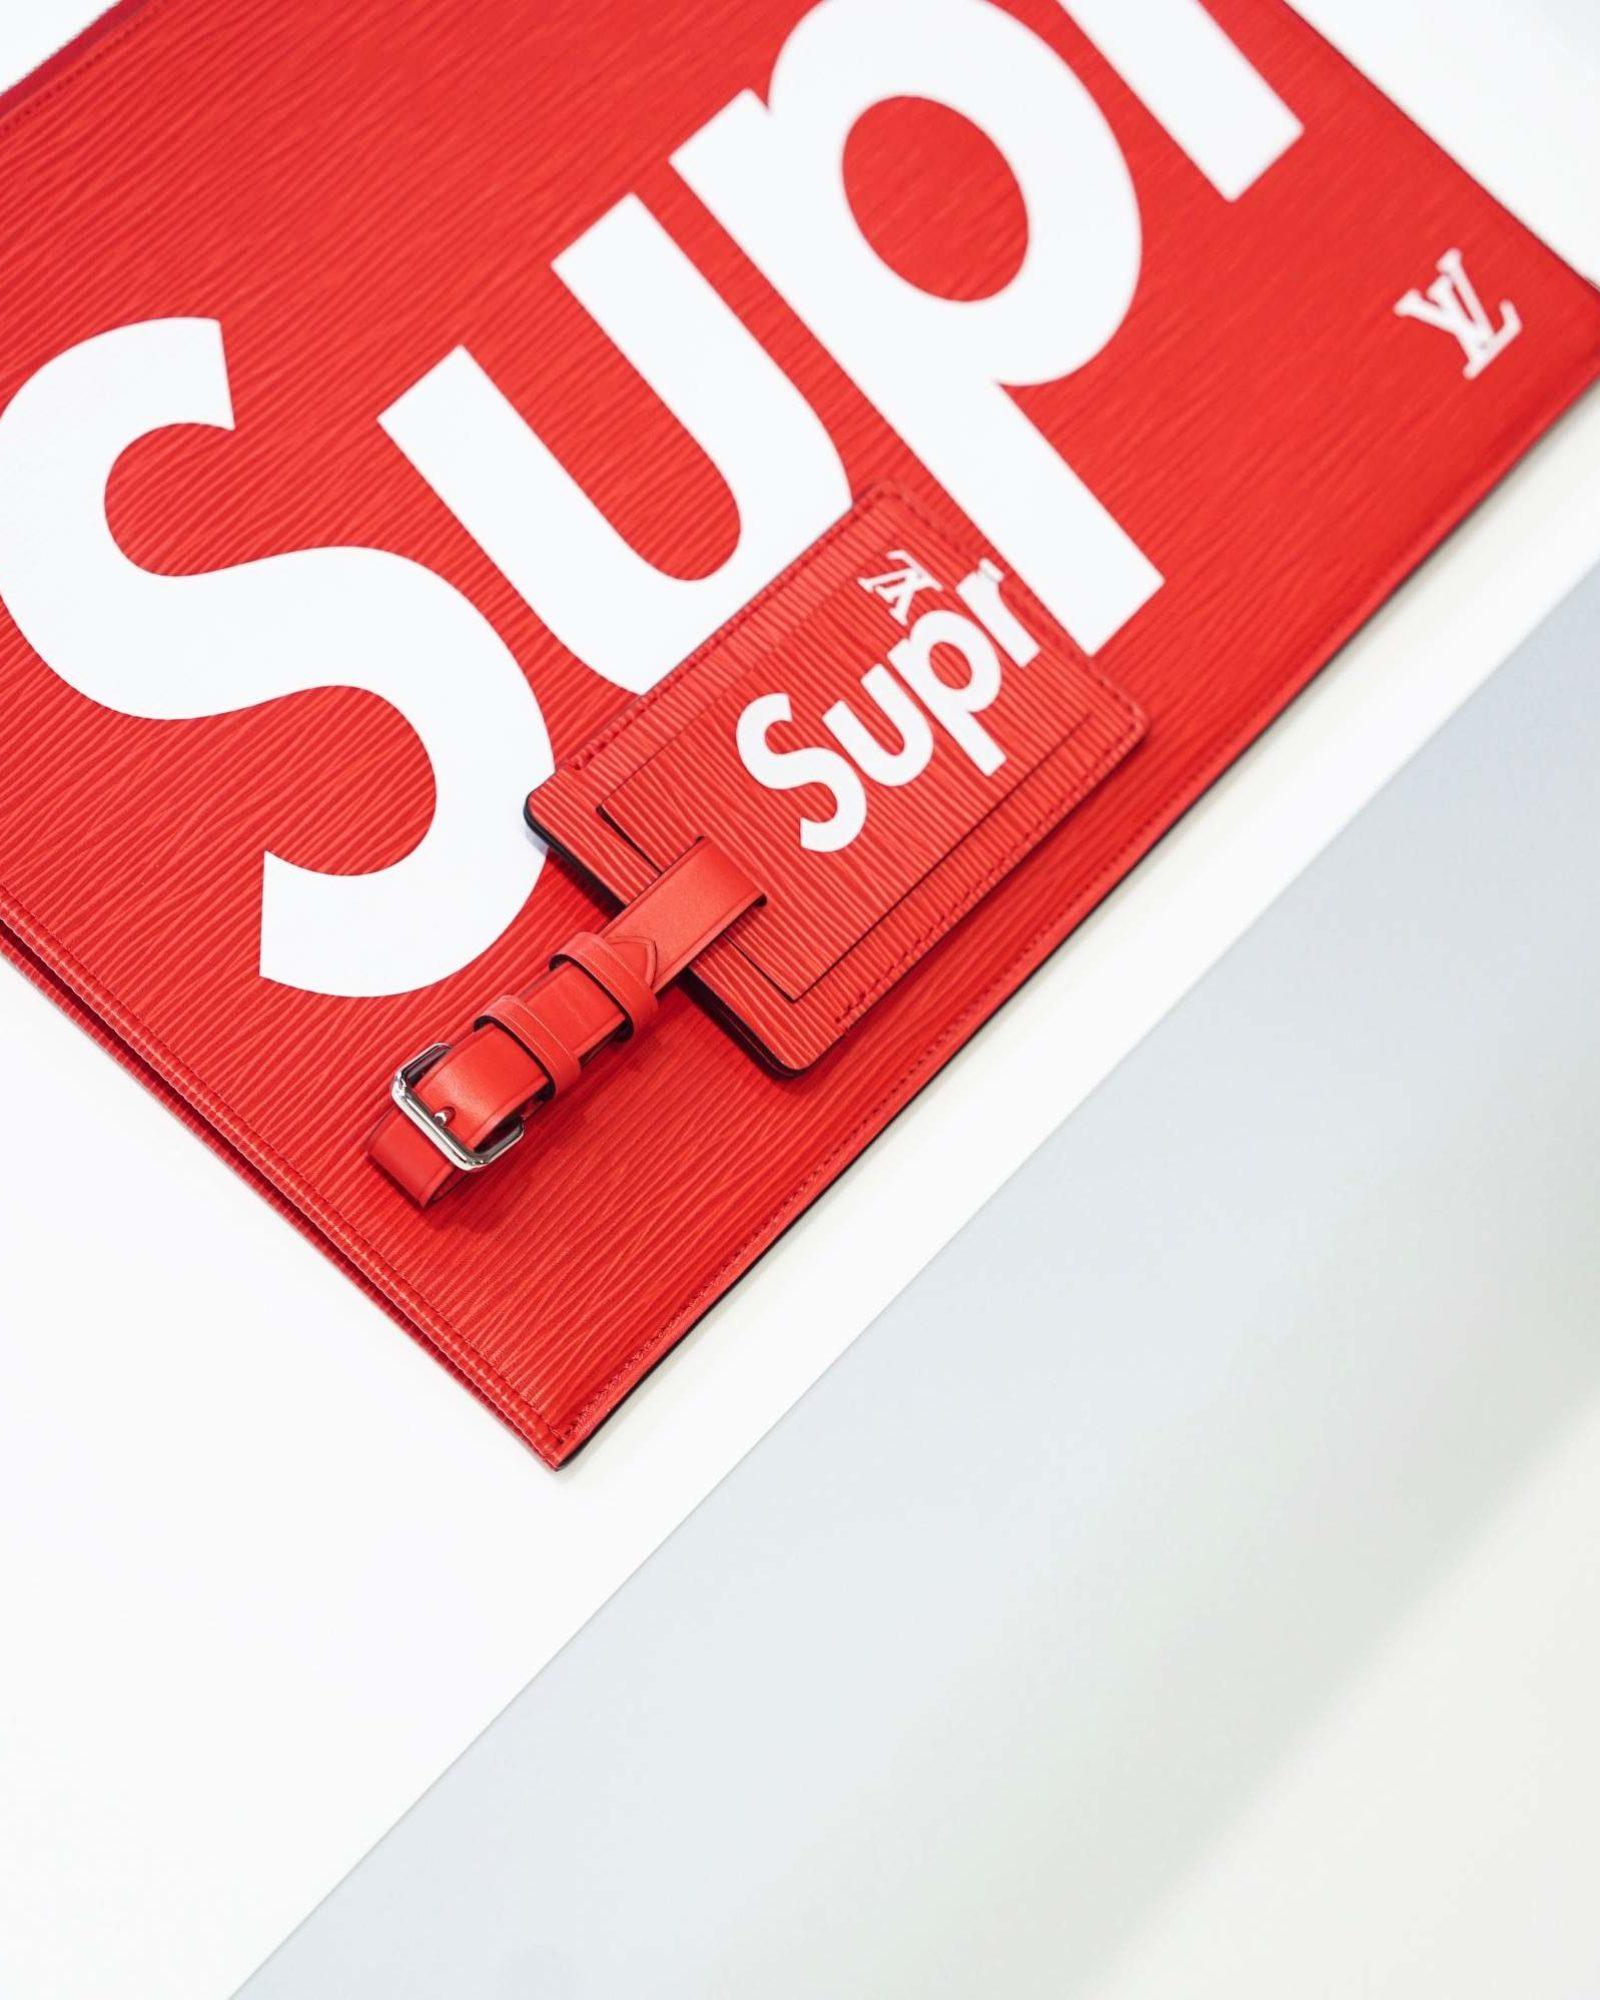 LVxSUPREME-louis-vuitton-supreme__4739